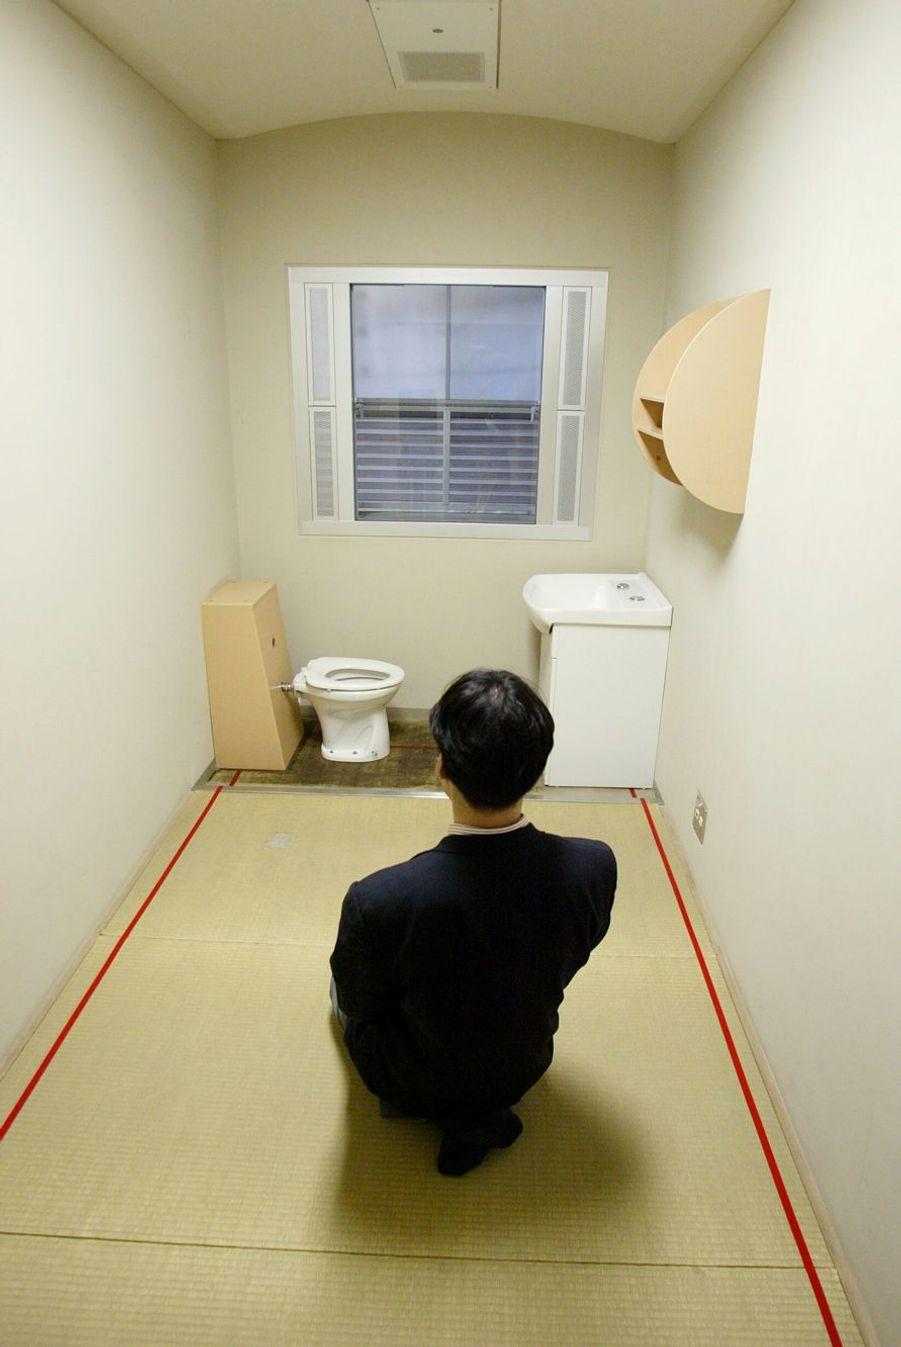 Cellule individuelle du centre de détention de l'arrondissement de Katsushika à Tokyo.